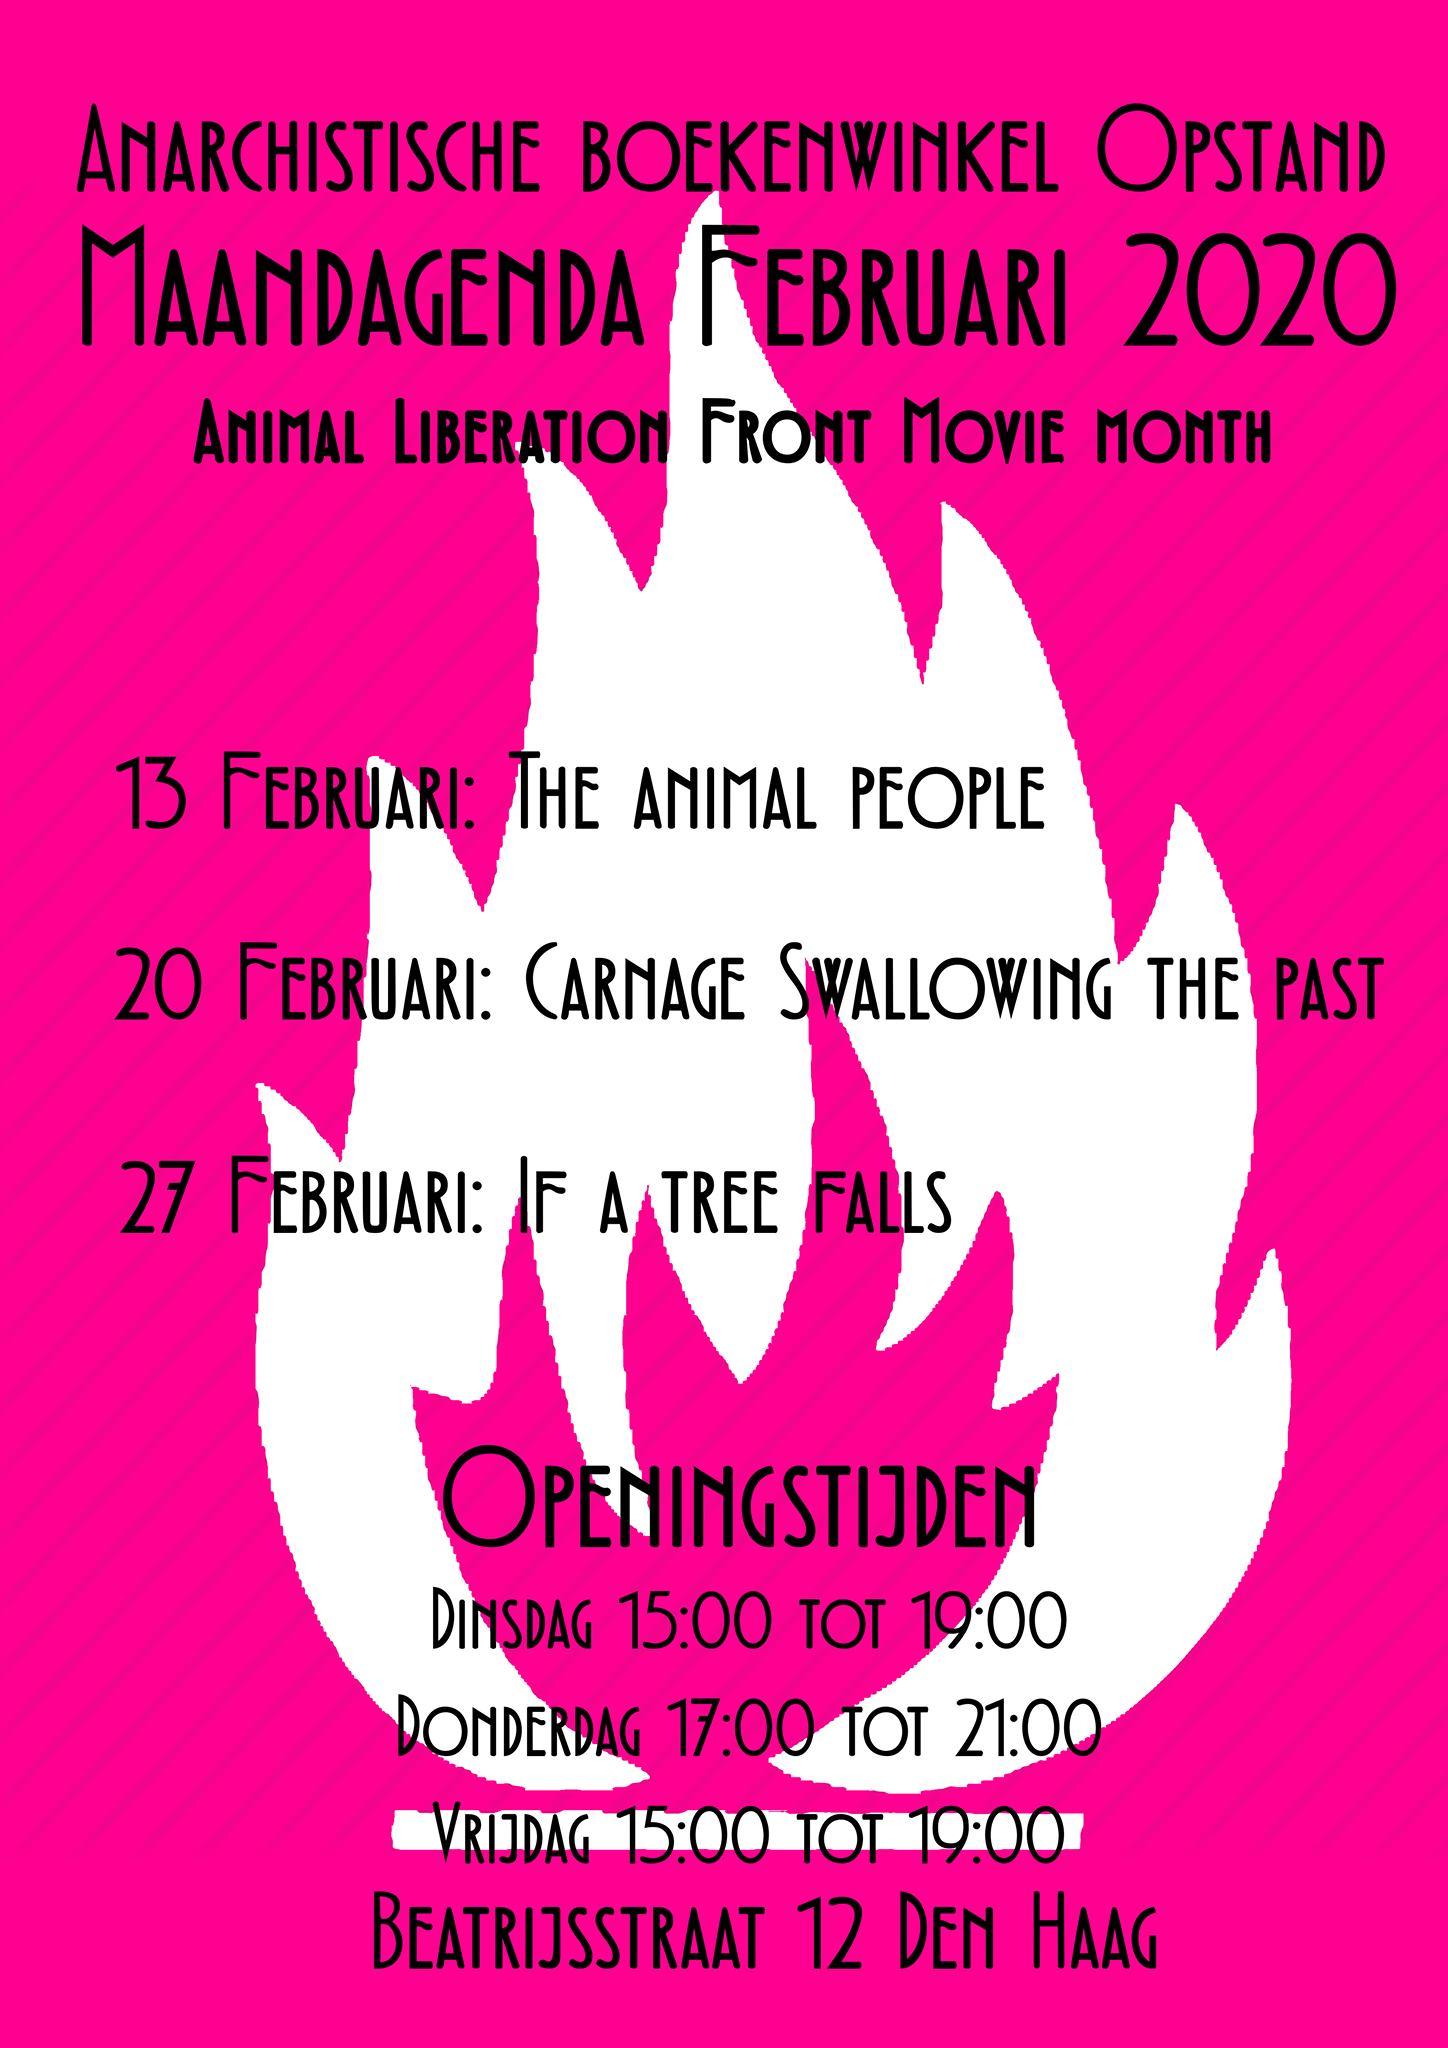 De Maandagenda van Februari 2020. Een pink beel met eein witte vuur symbol als achtergrond, daarop de datum van de evenets welke zullen plaatsvinden